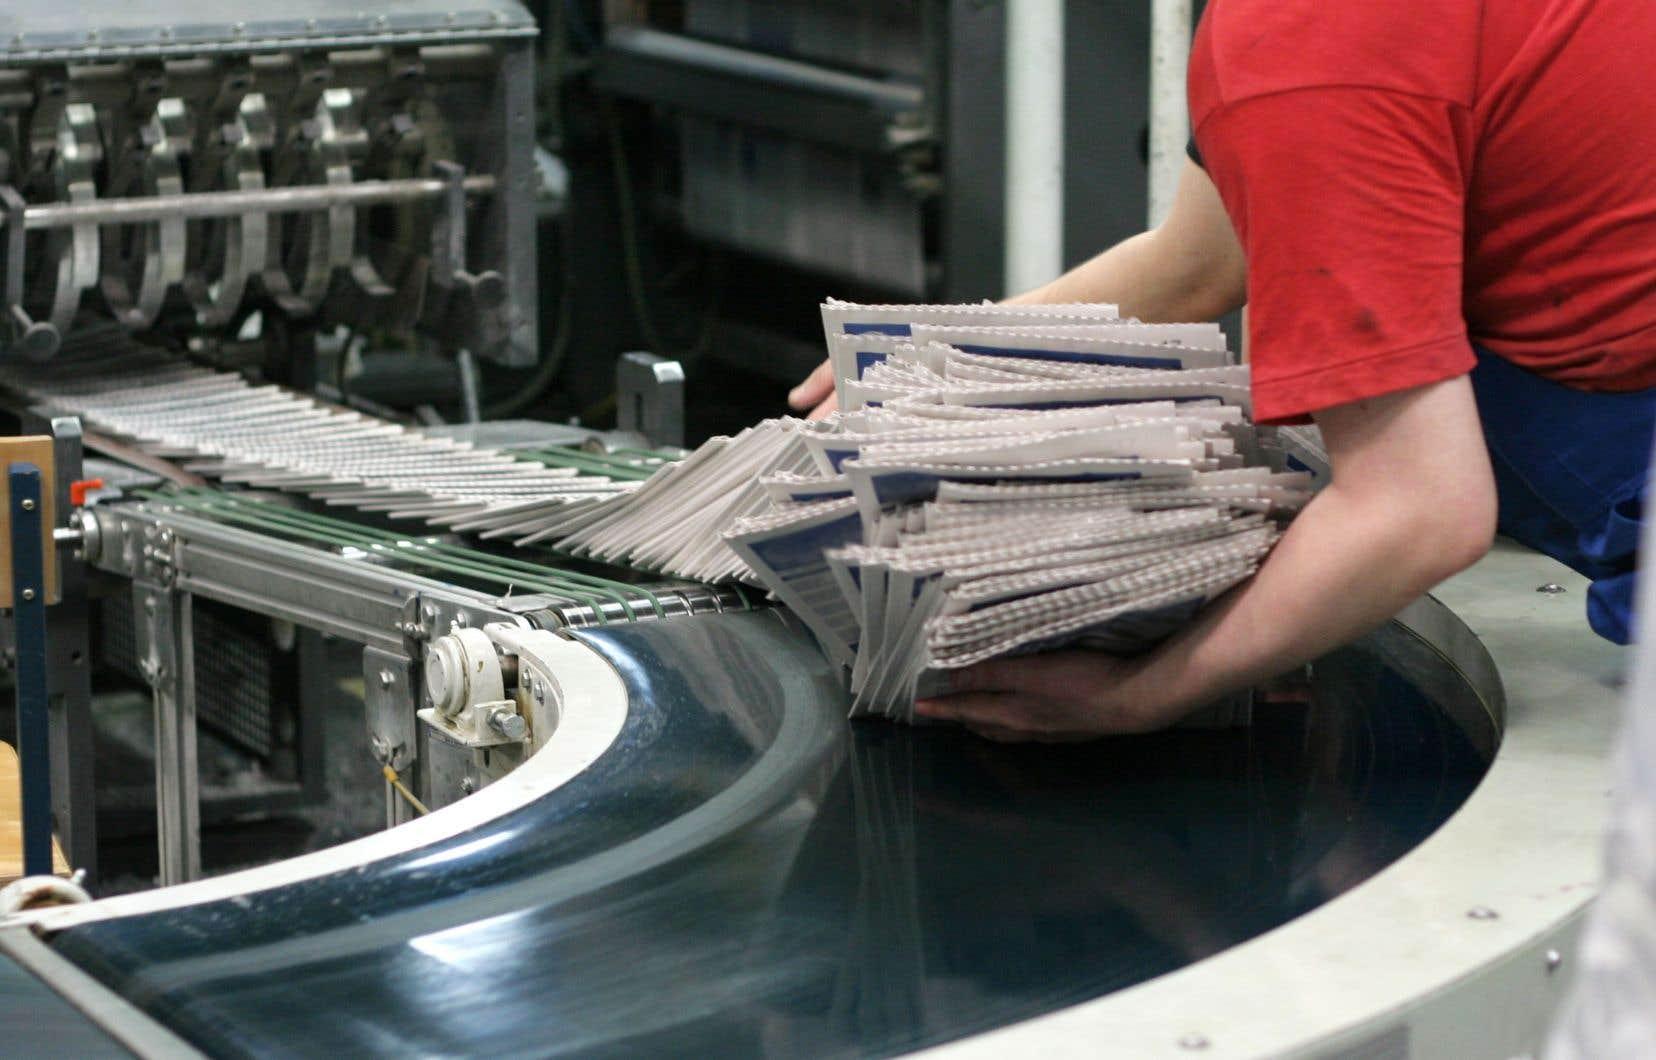 Les droits compensateurs feront des dommages dans le secteur de l'imprimerie aux États-Unis et nuiront aux journaux américains, ont souligné la ministre des Affaires étrangères, Chrystia Freeland, et le ministre des Ressources naturelles, Jim Carr.